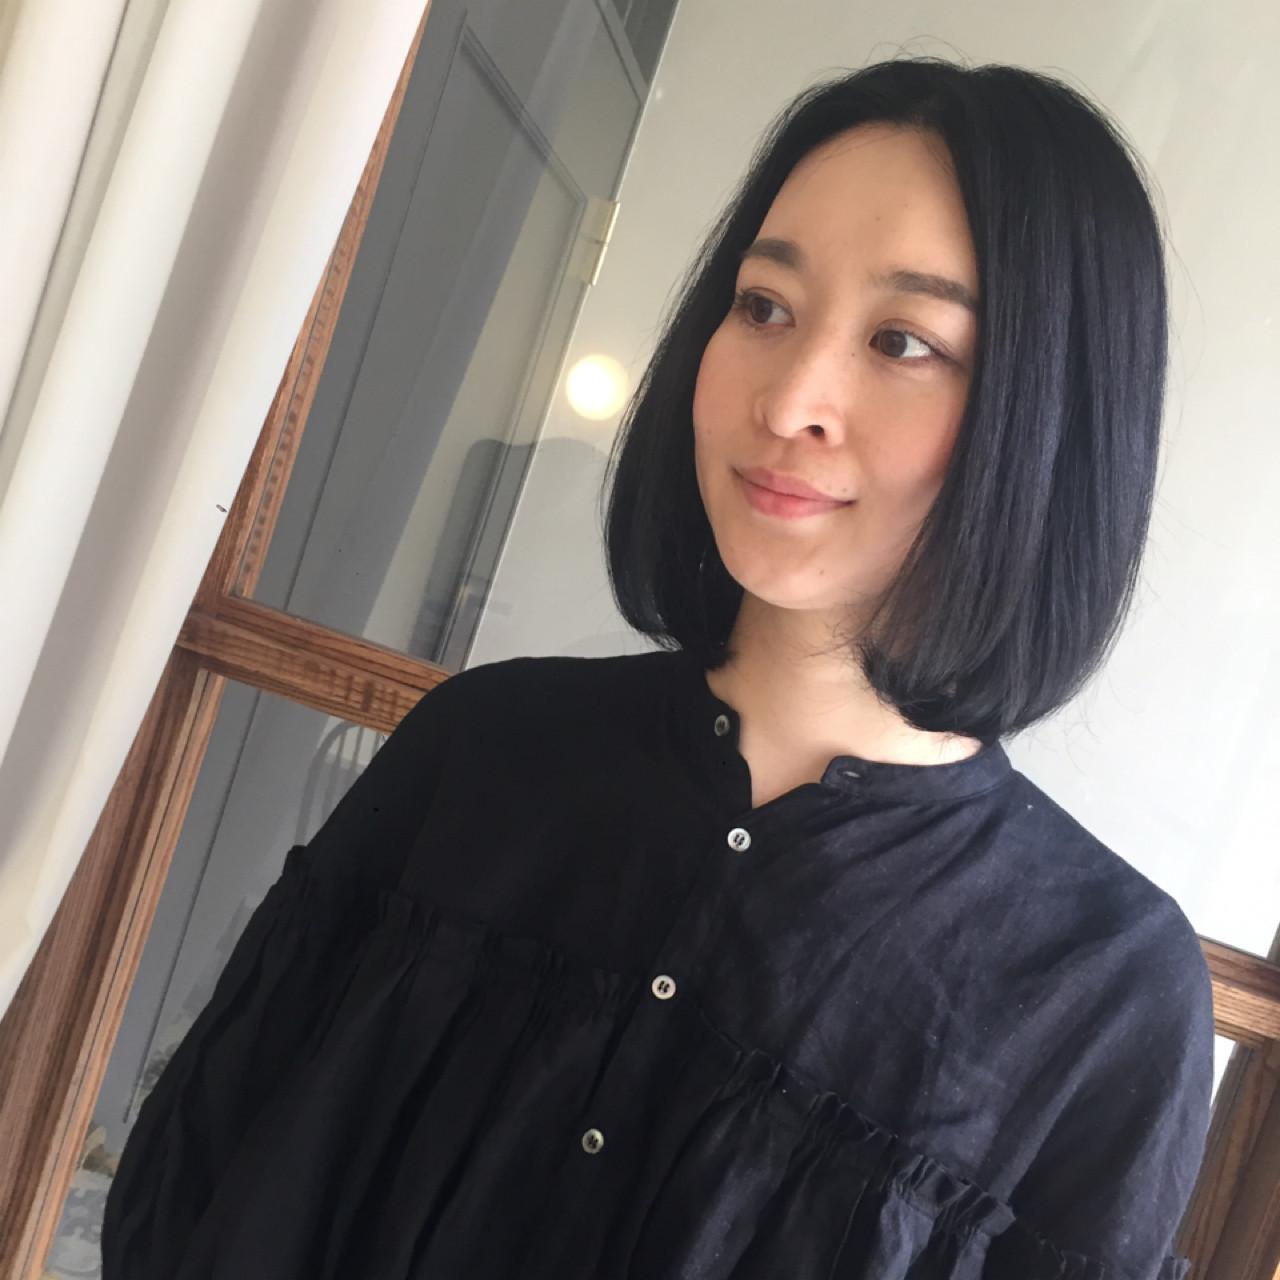 ミディアム ワンレングス ロブ 黒髪 ヘアスタイルや髪型の写真・画像